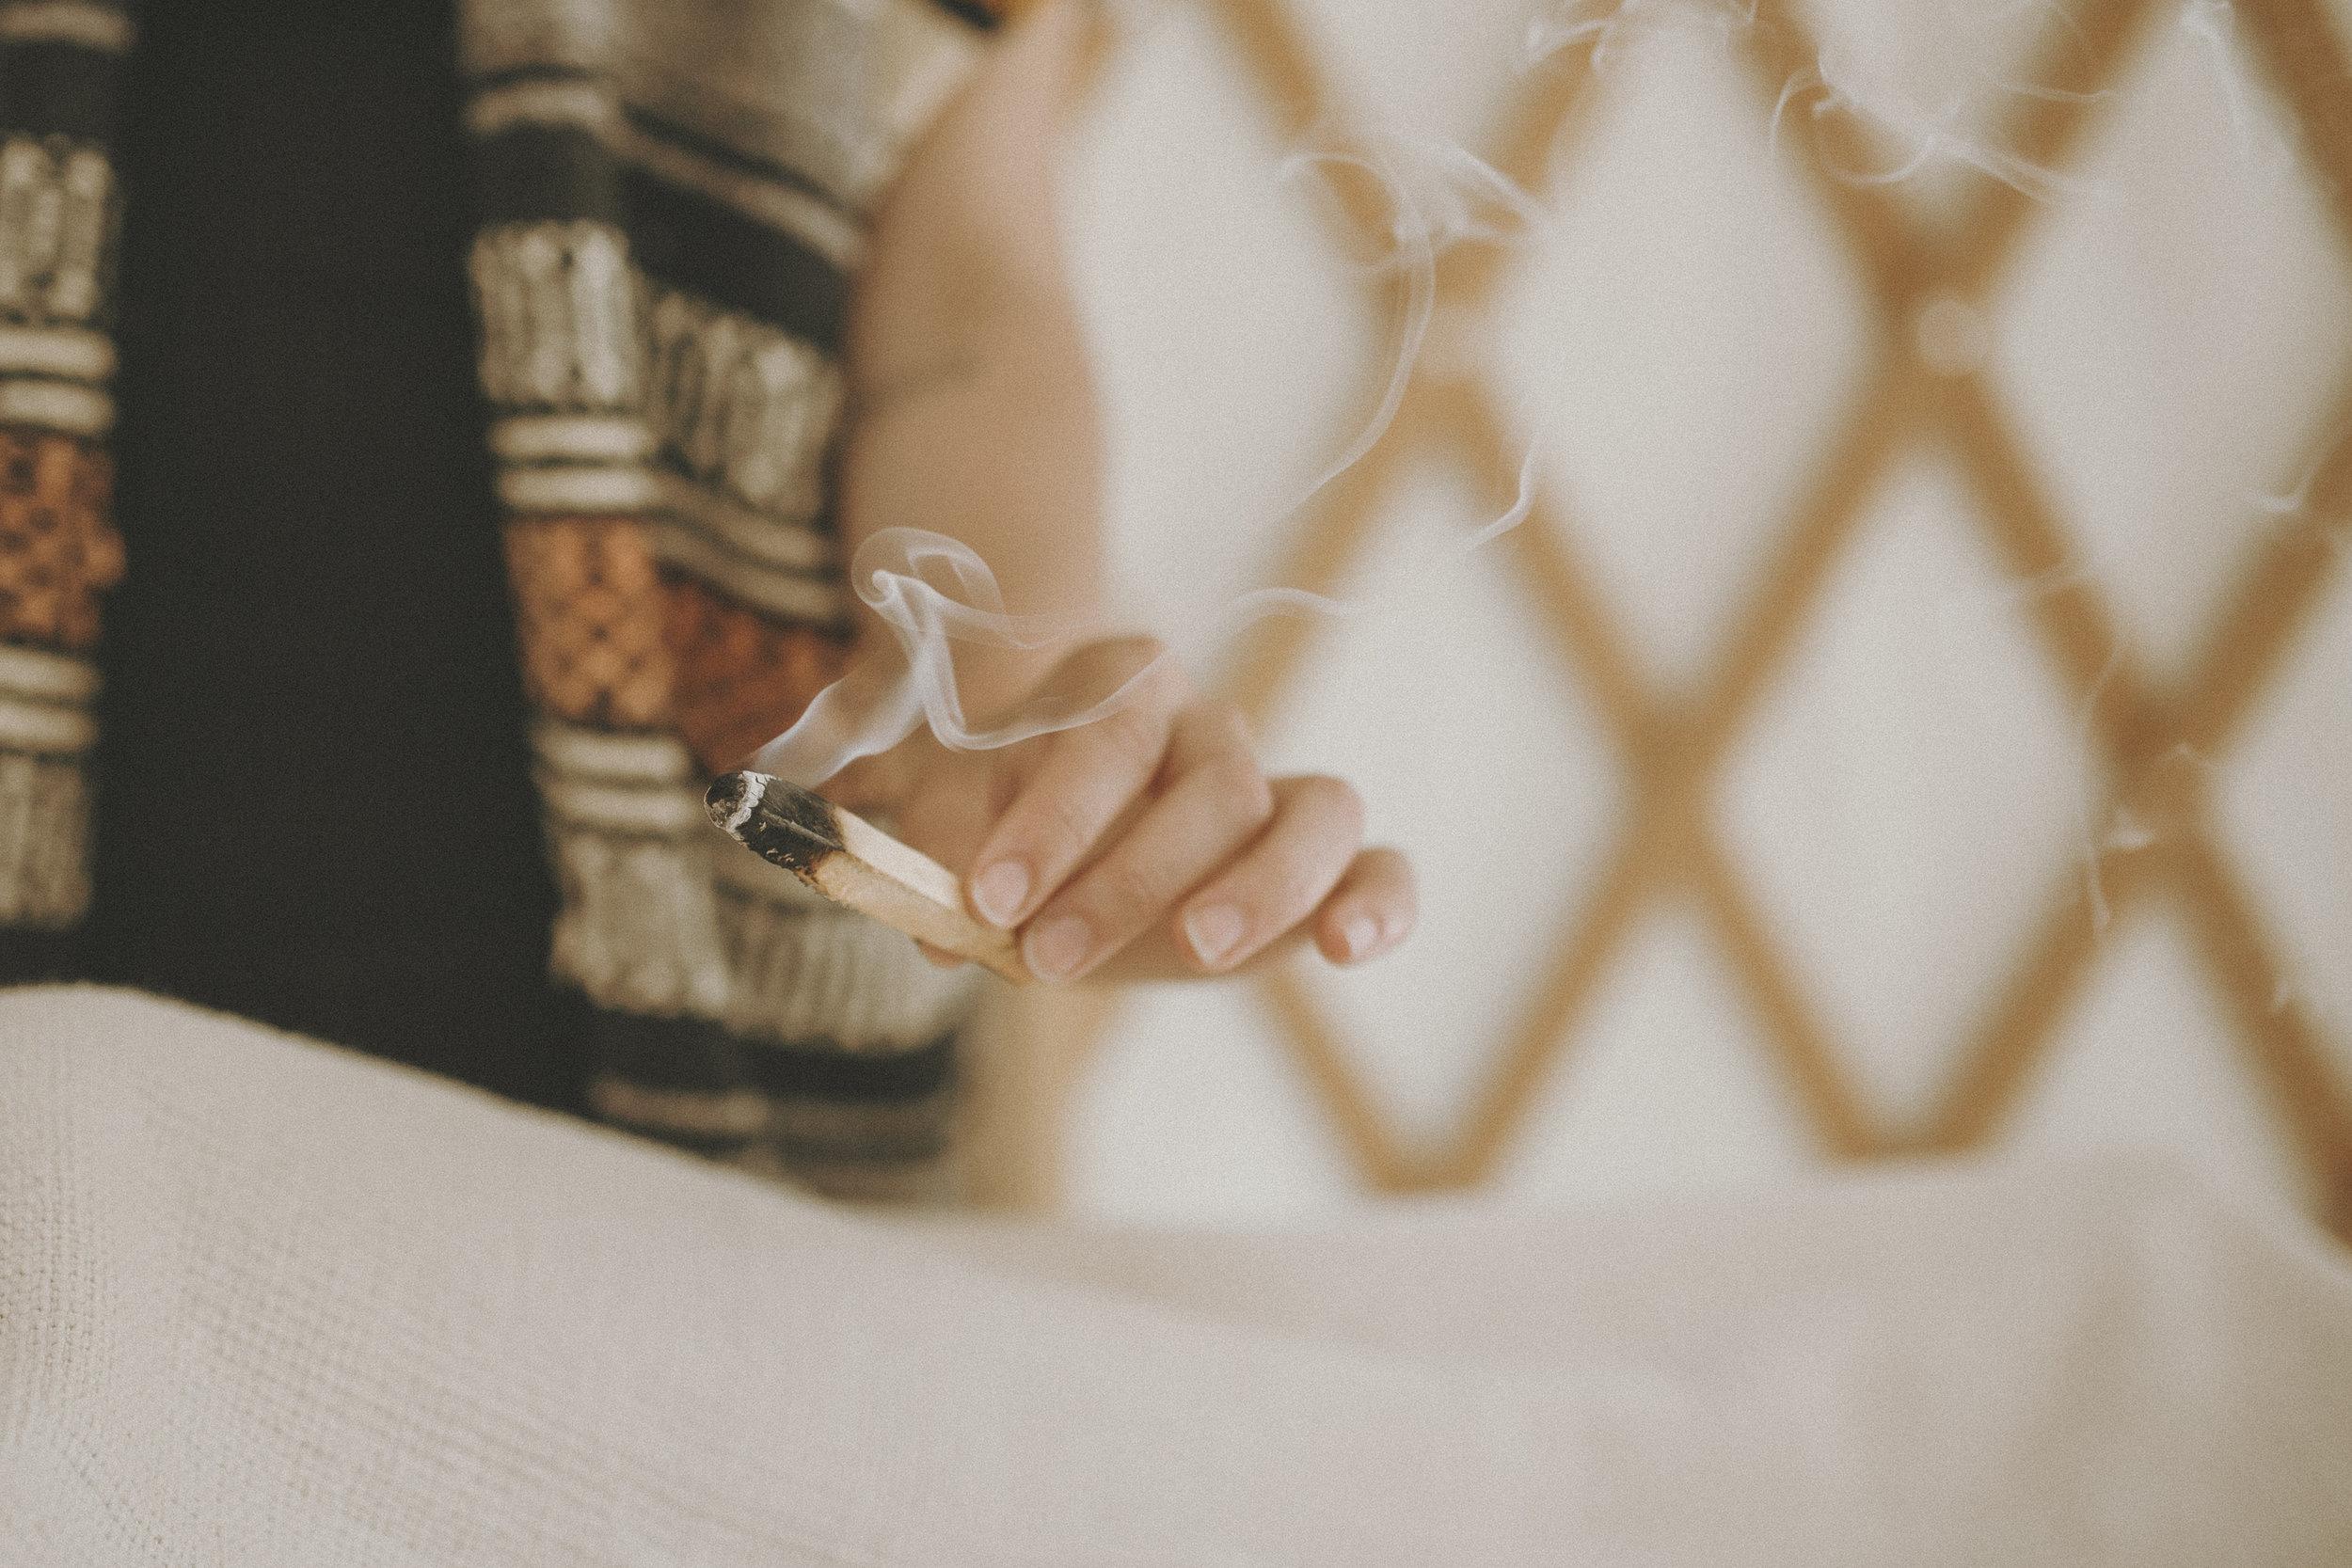 healinghands-31.jpg